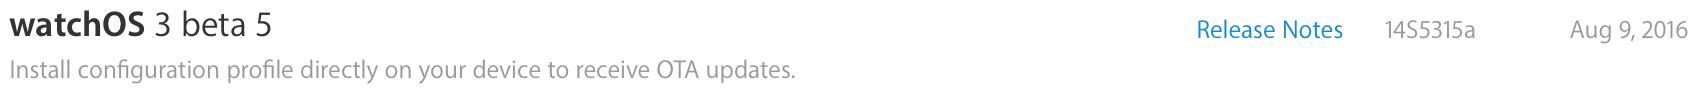 watchOS-Beta-Versionen-bildschirmfoto-2016-08-10-um-00.42.49.png